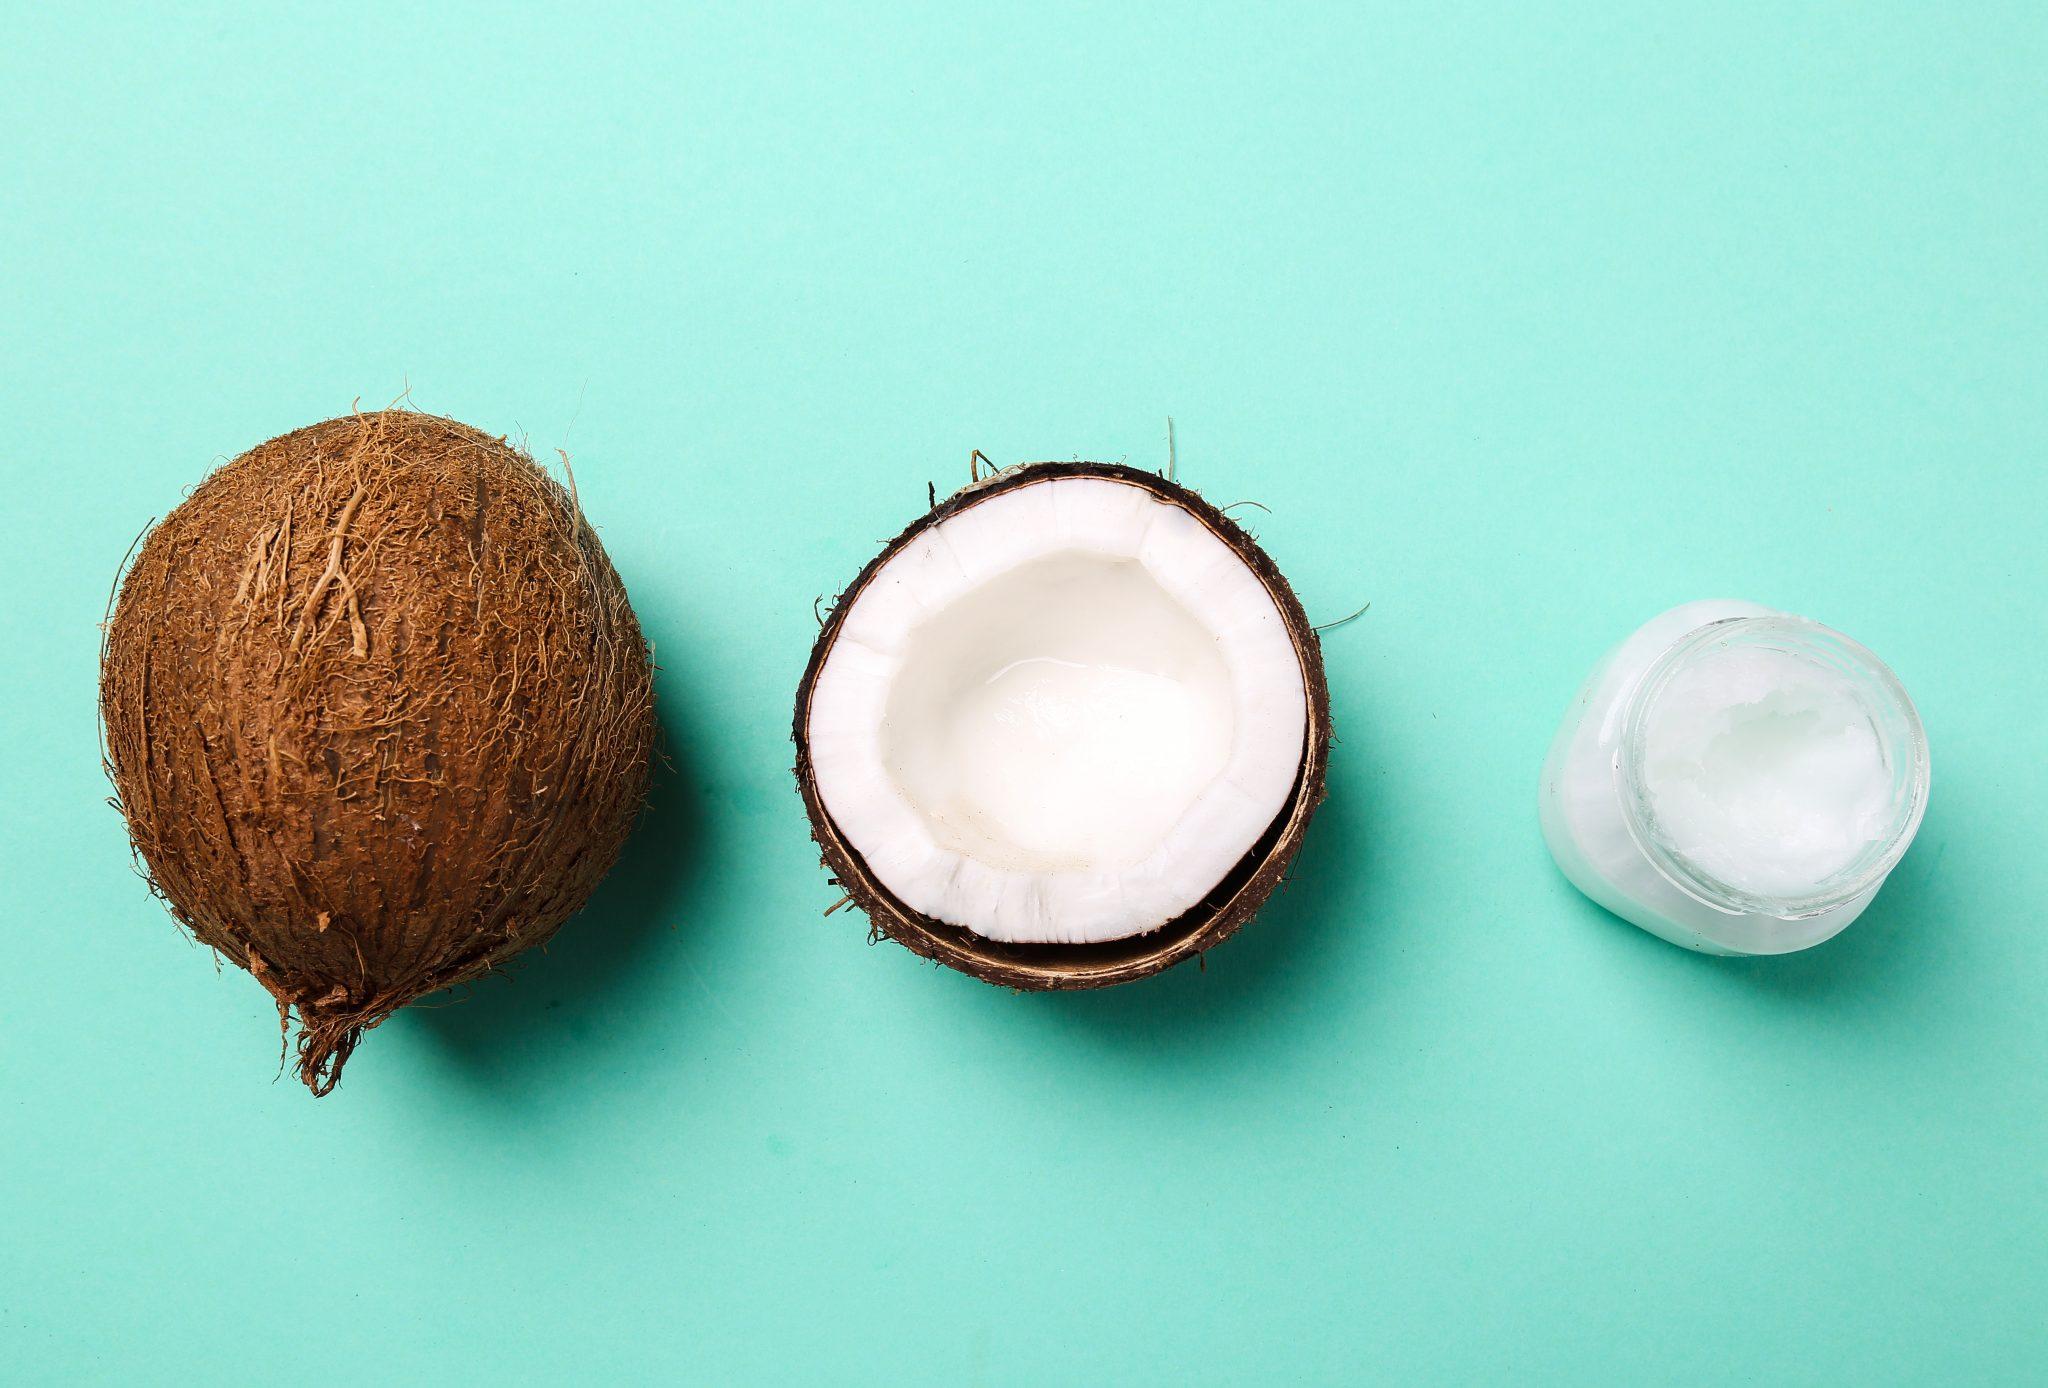 Verwendung Von Kokosöl In Der Küche | Weshalb Kokosol Keine Gute Alternative Zu Palmol Ist Biorama